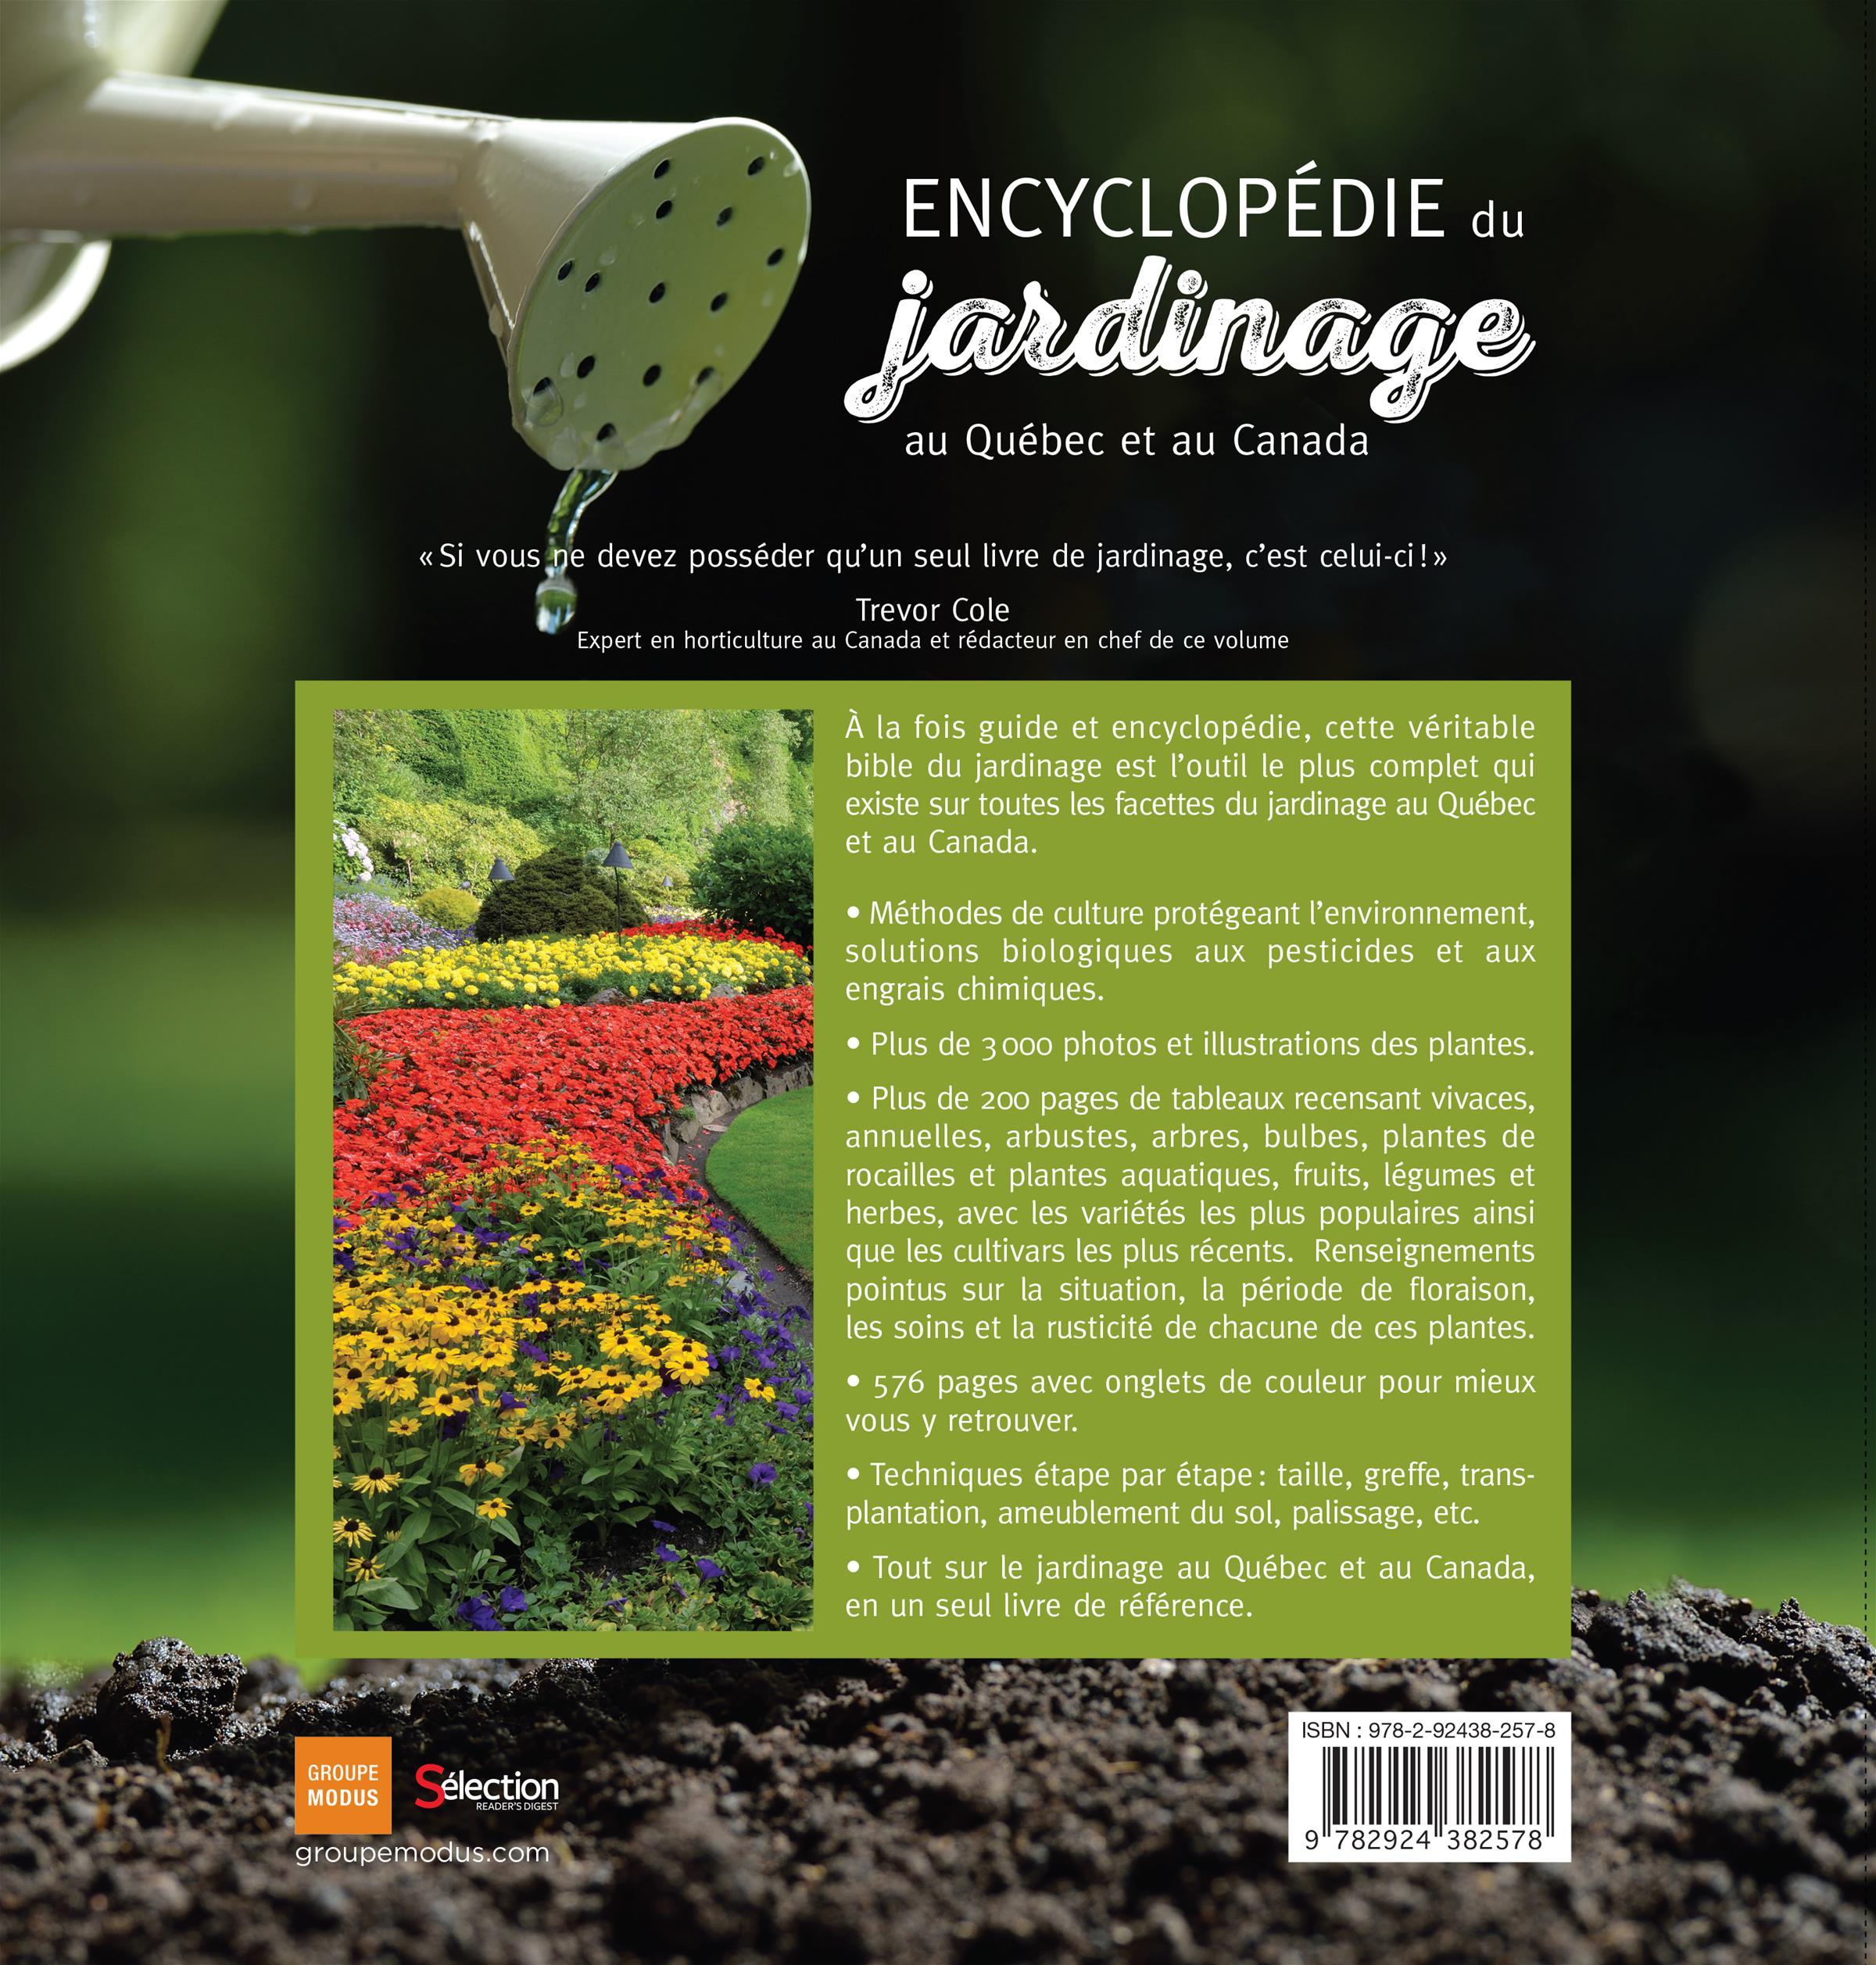 Livre Encyclopédie du jardinage au Québec et au Canada | Messageries ADP